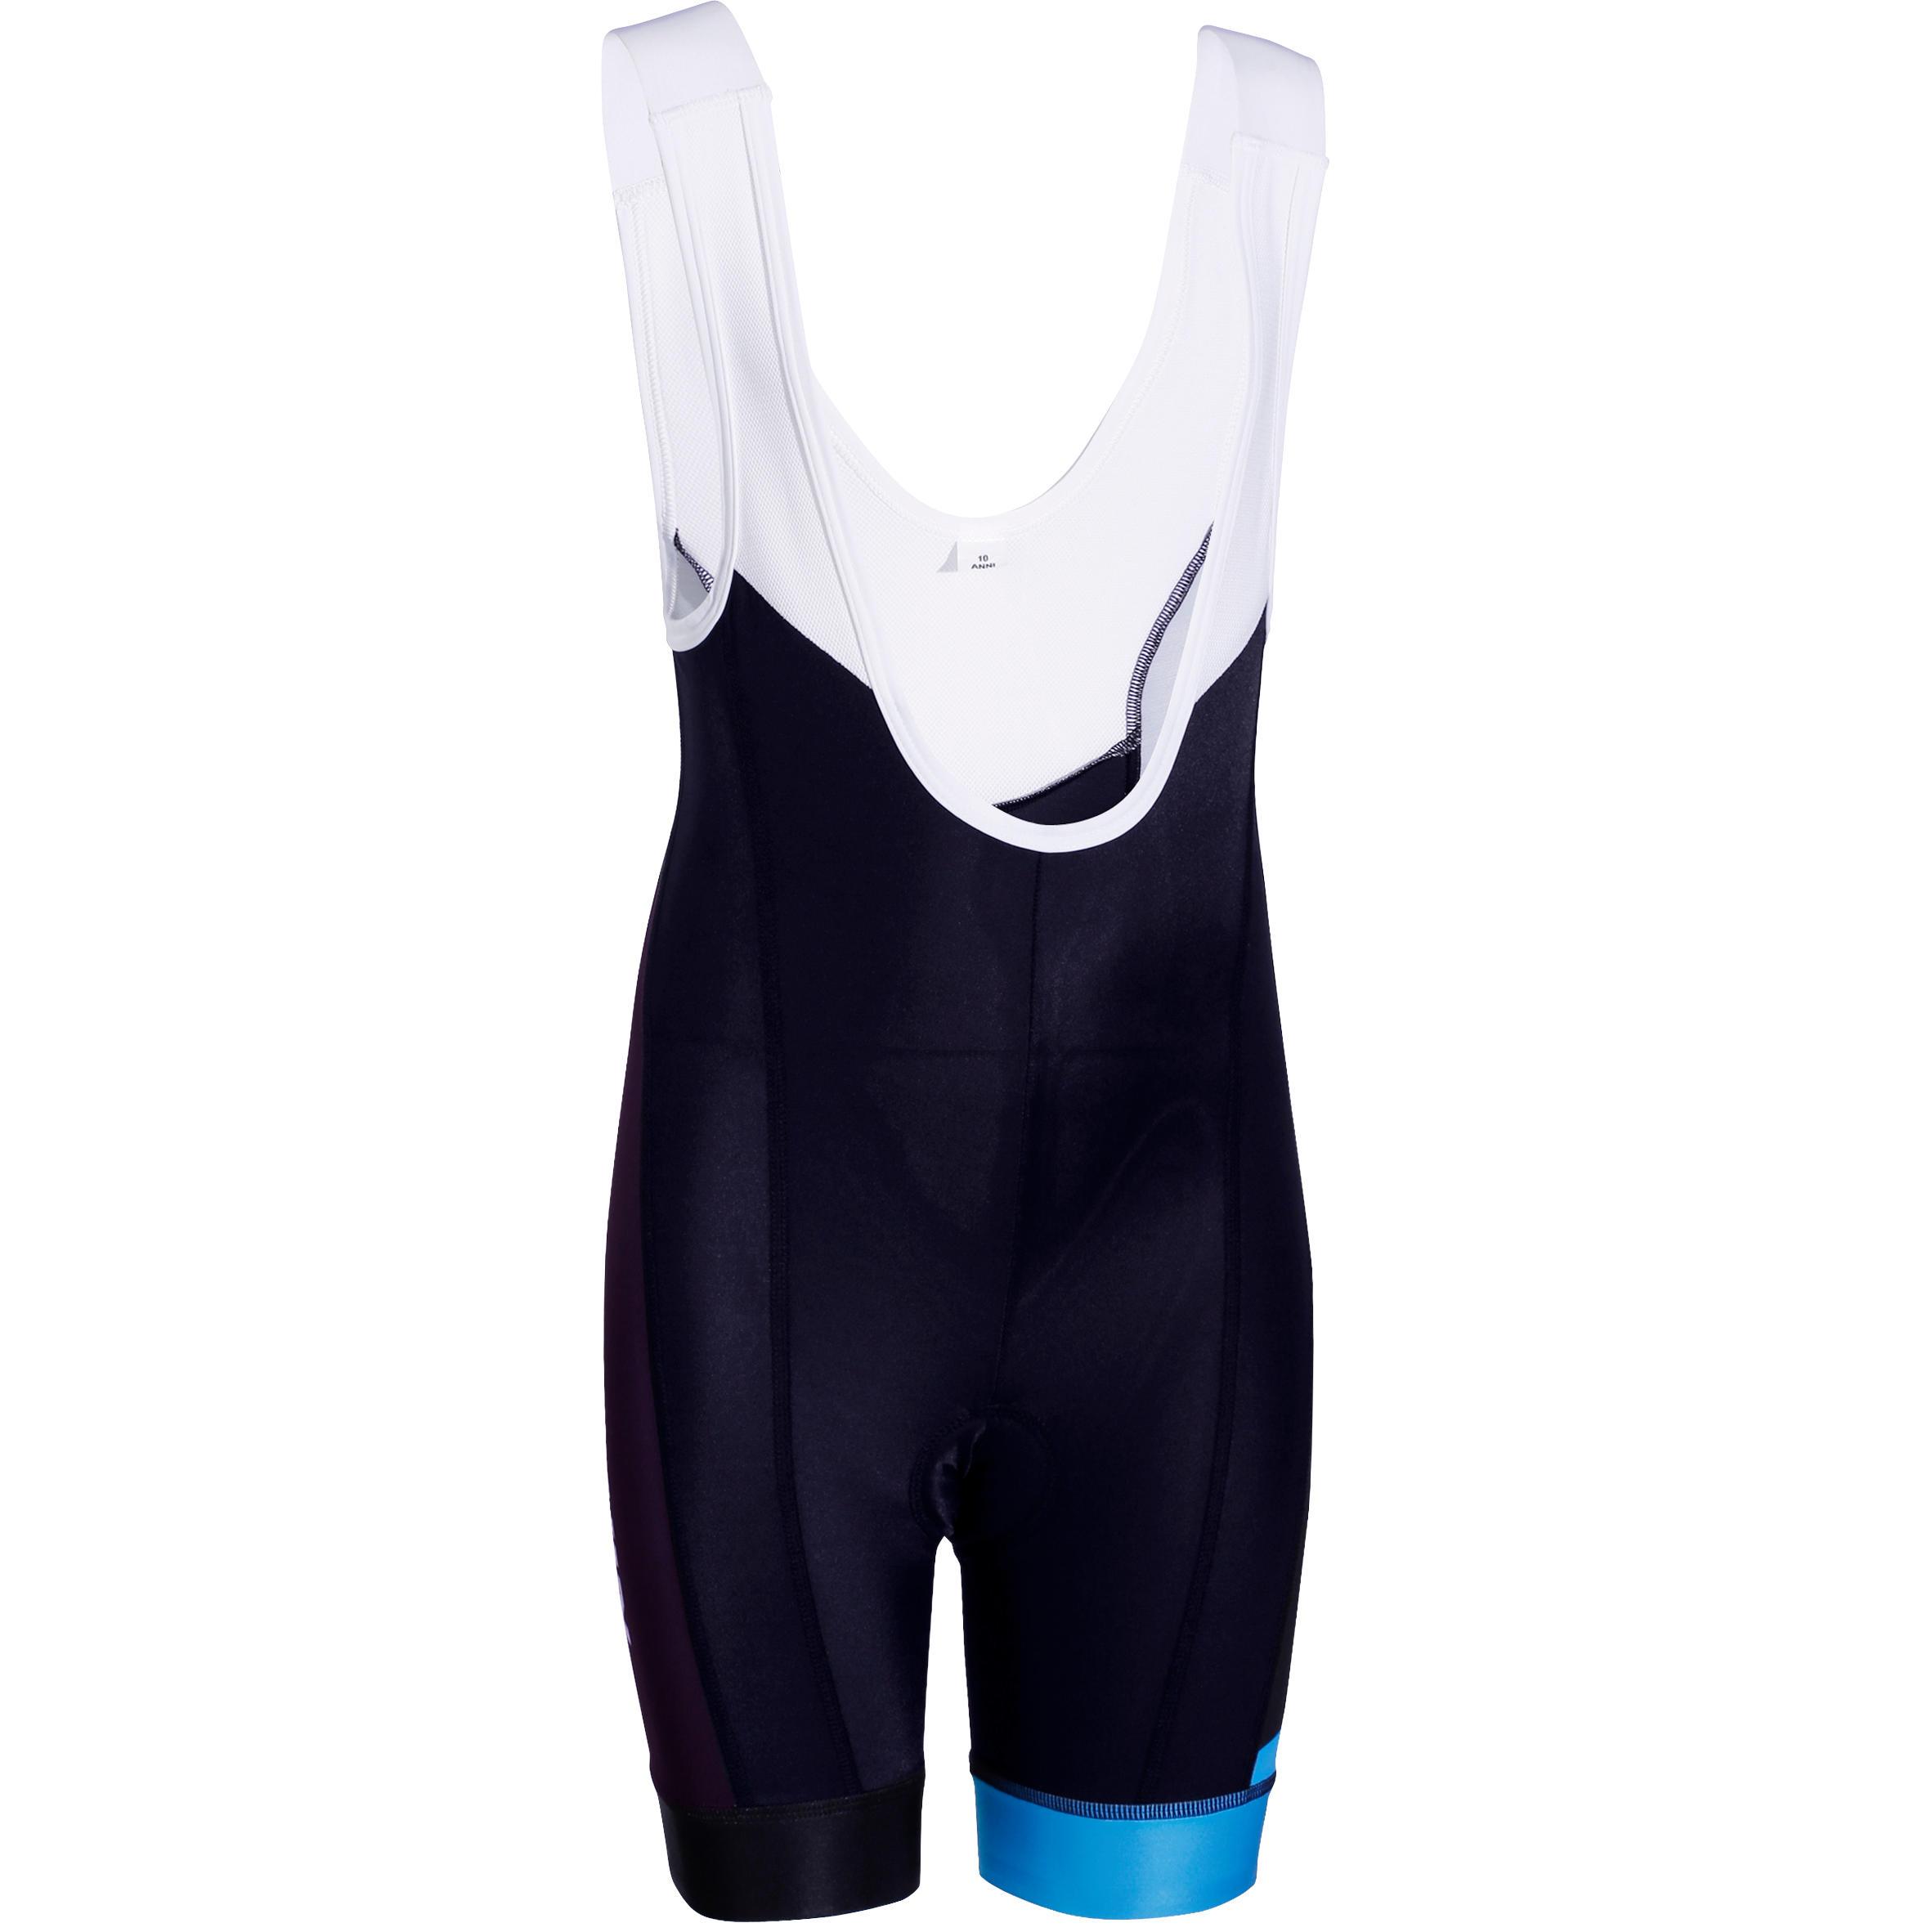 700 Kids' Cycling Shorts - Black/Blue